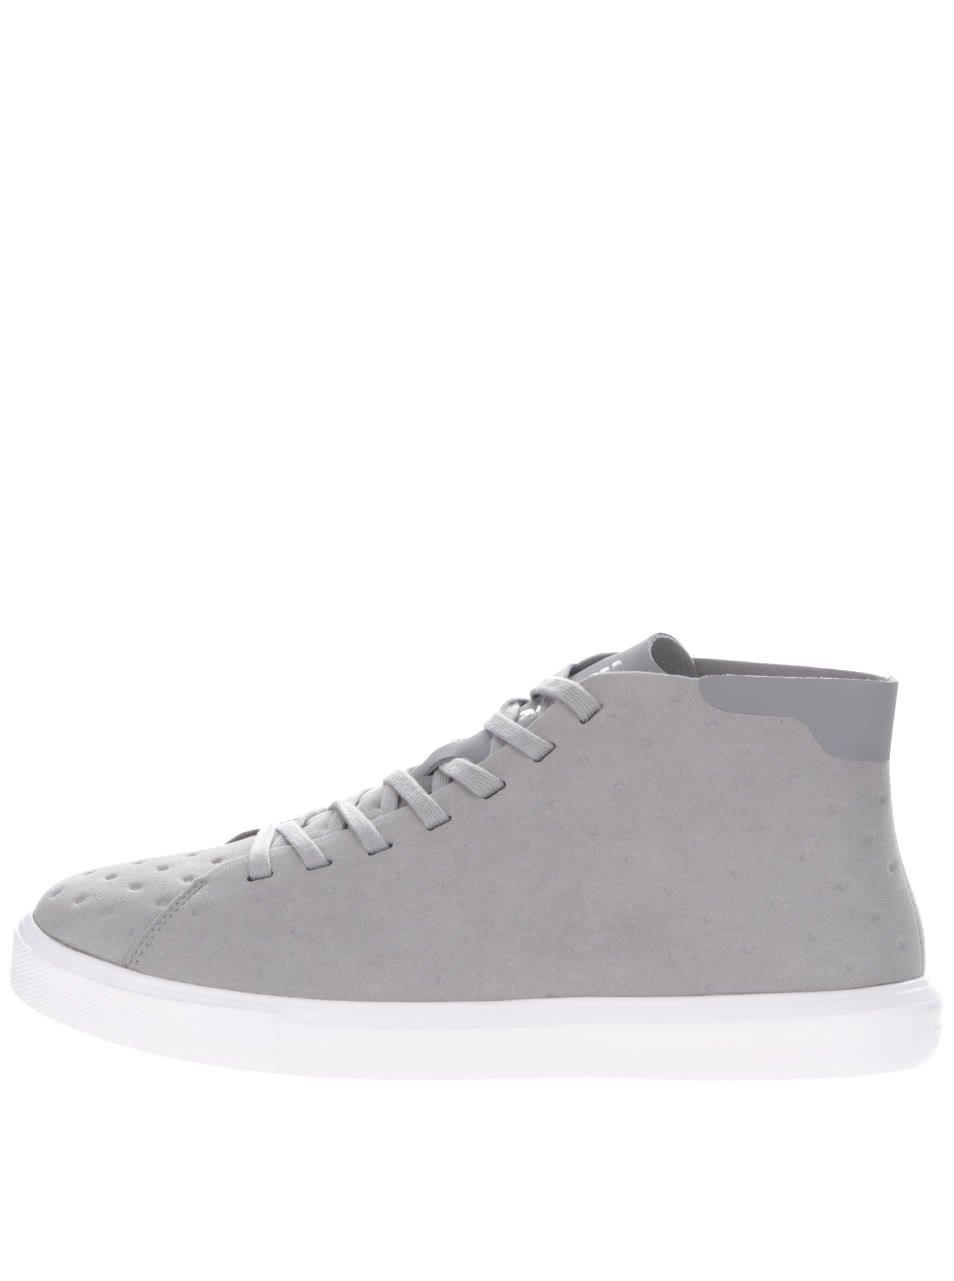 Šedé pánské kotníkové boty Monaco Native